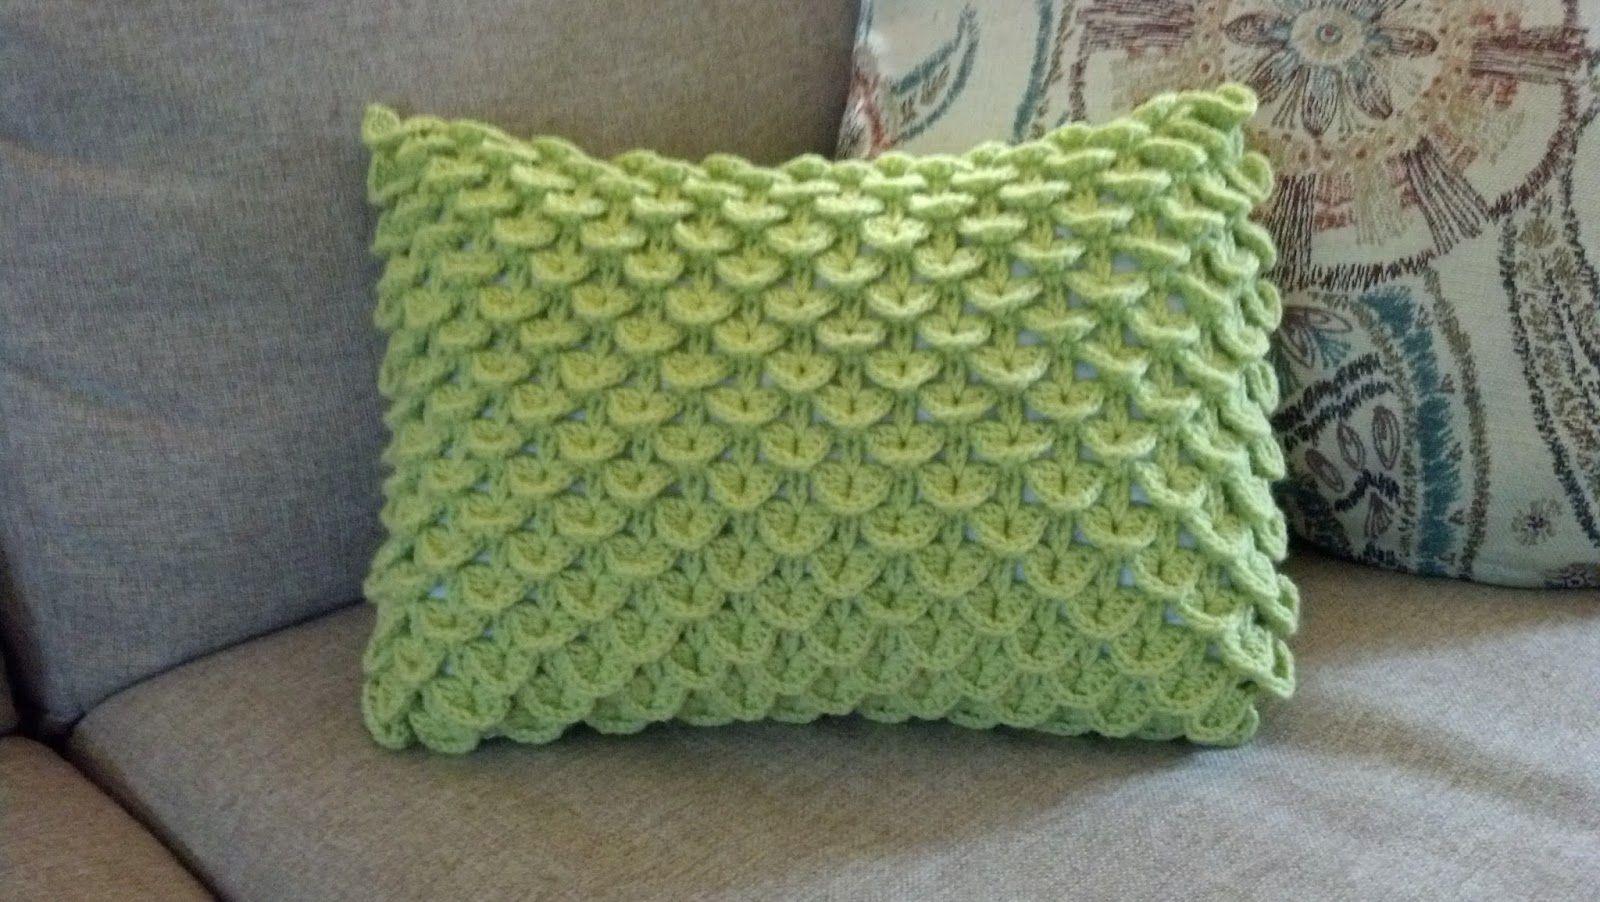 Free ptrn crochet crocodile stitch pillow sz 12 x 16 yarn crochet pillow bankloansurffo Gallery